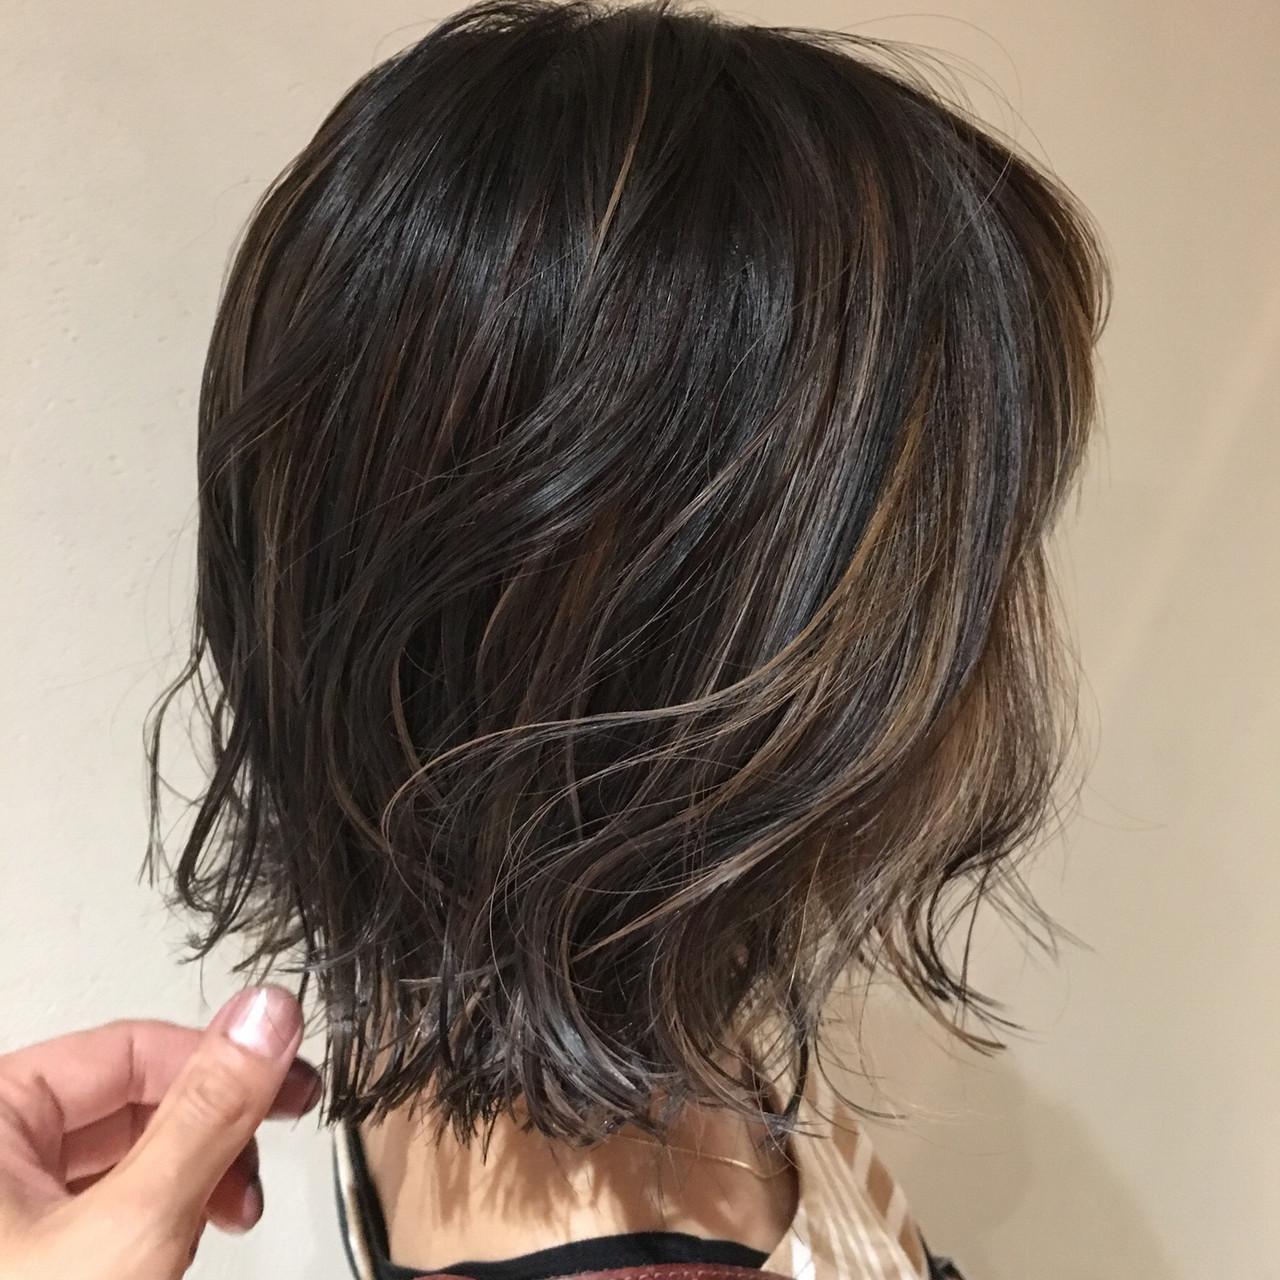 ハイライト ボブ 大人ハイライト ストリート ヘアスタイルや髪型の写真・画像